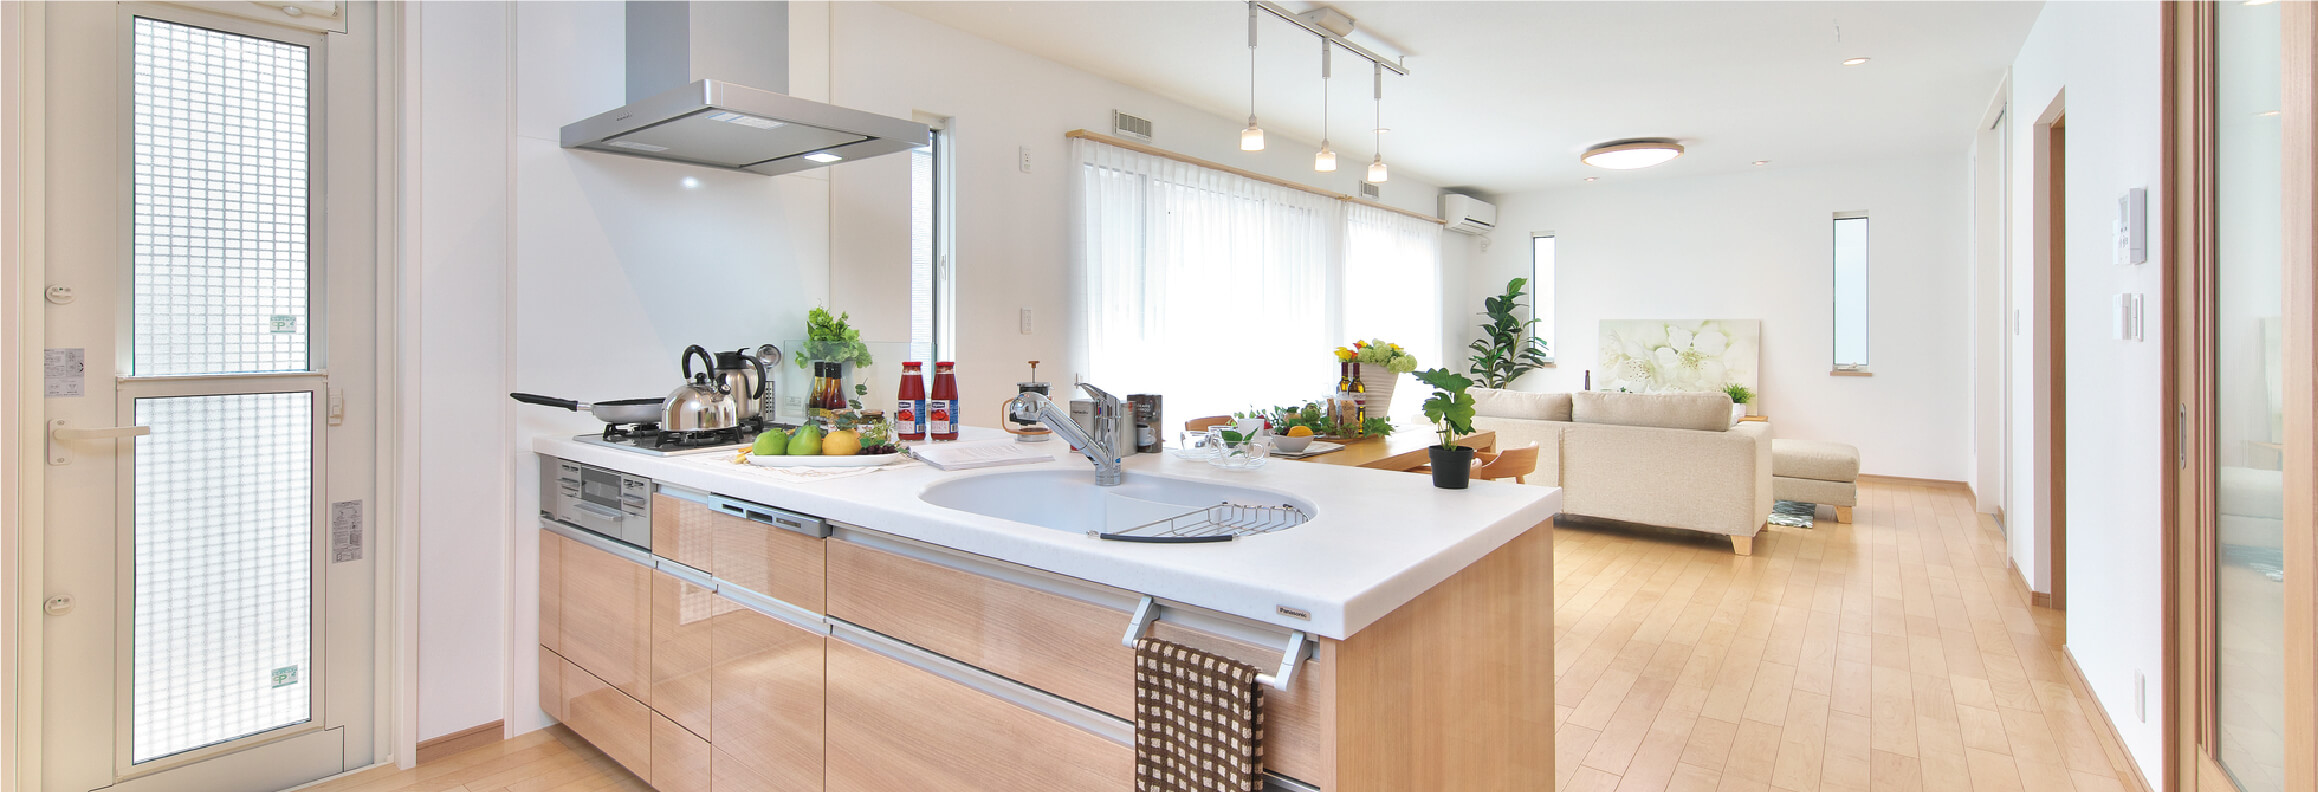 もっと便利でスタイリッシュに!最新の設備とデザインで快適空間を。